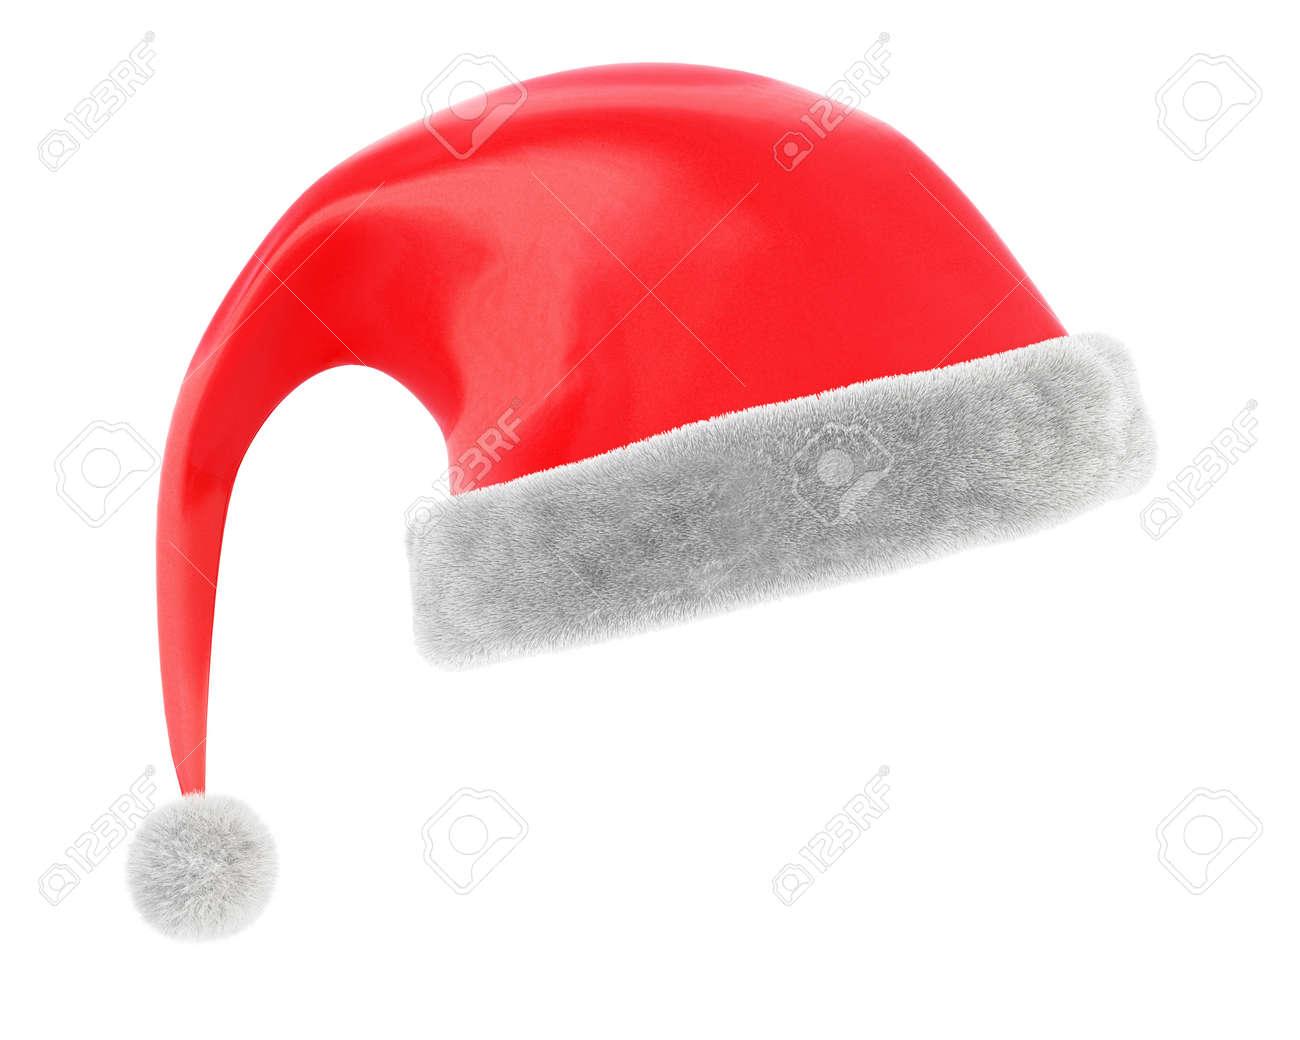 Foto de archivo - Gorro de Navidad aislado sobre fondo blanco.  Representación 3d a90b1f8d128